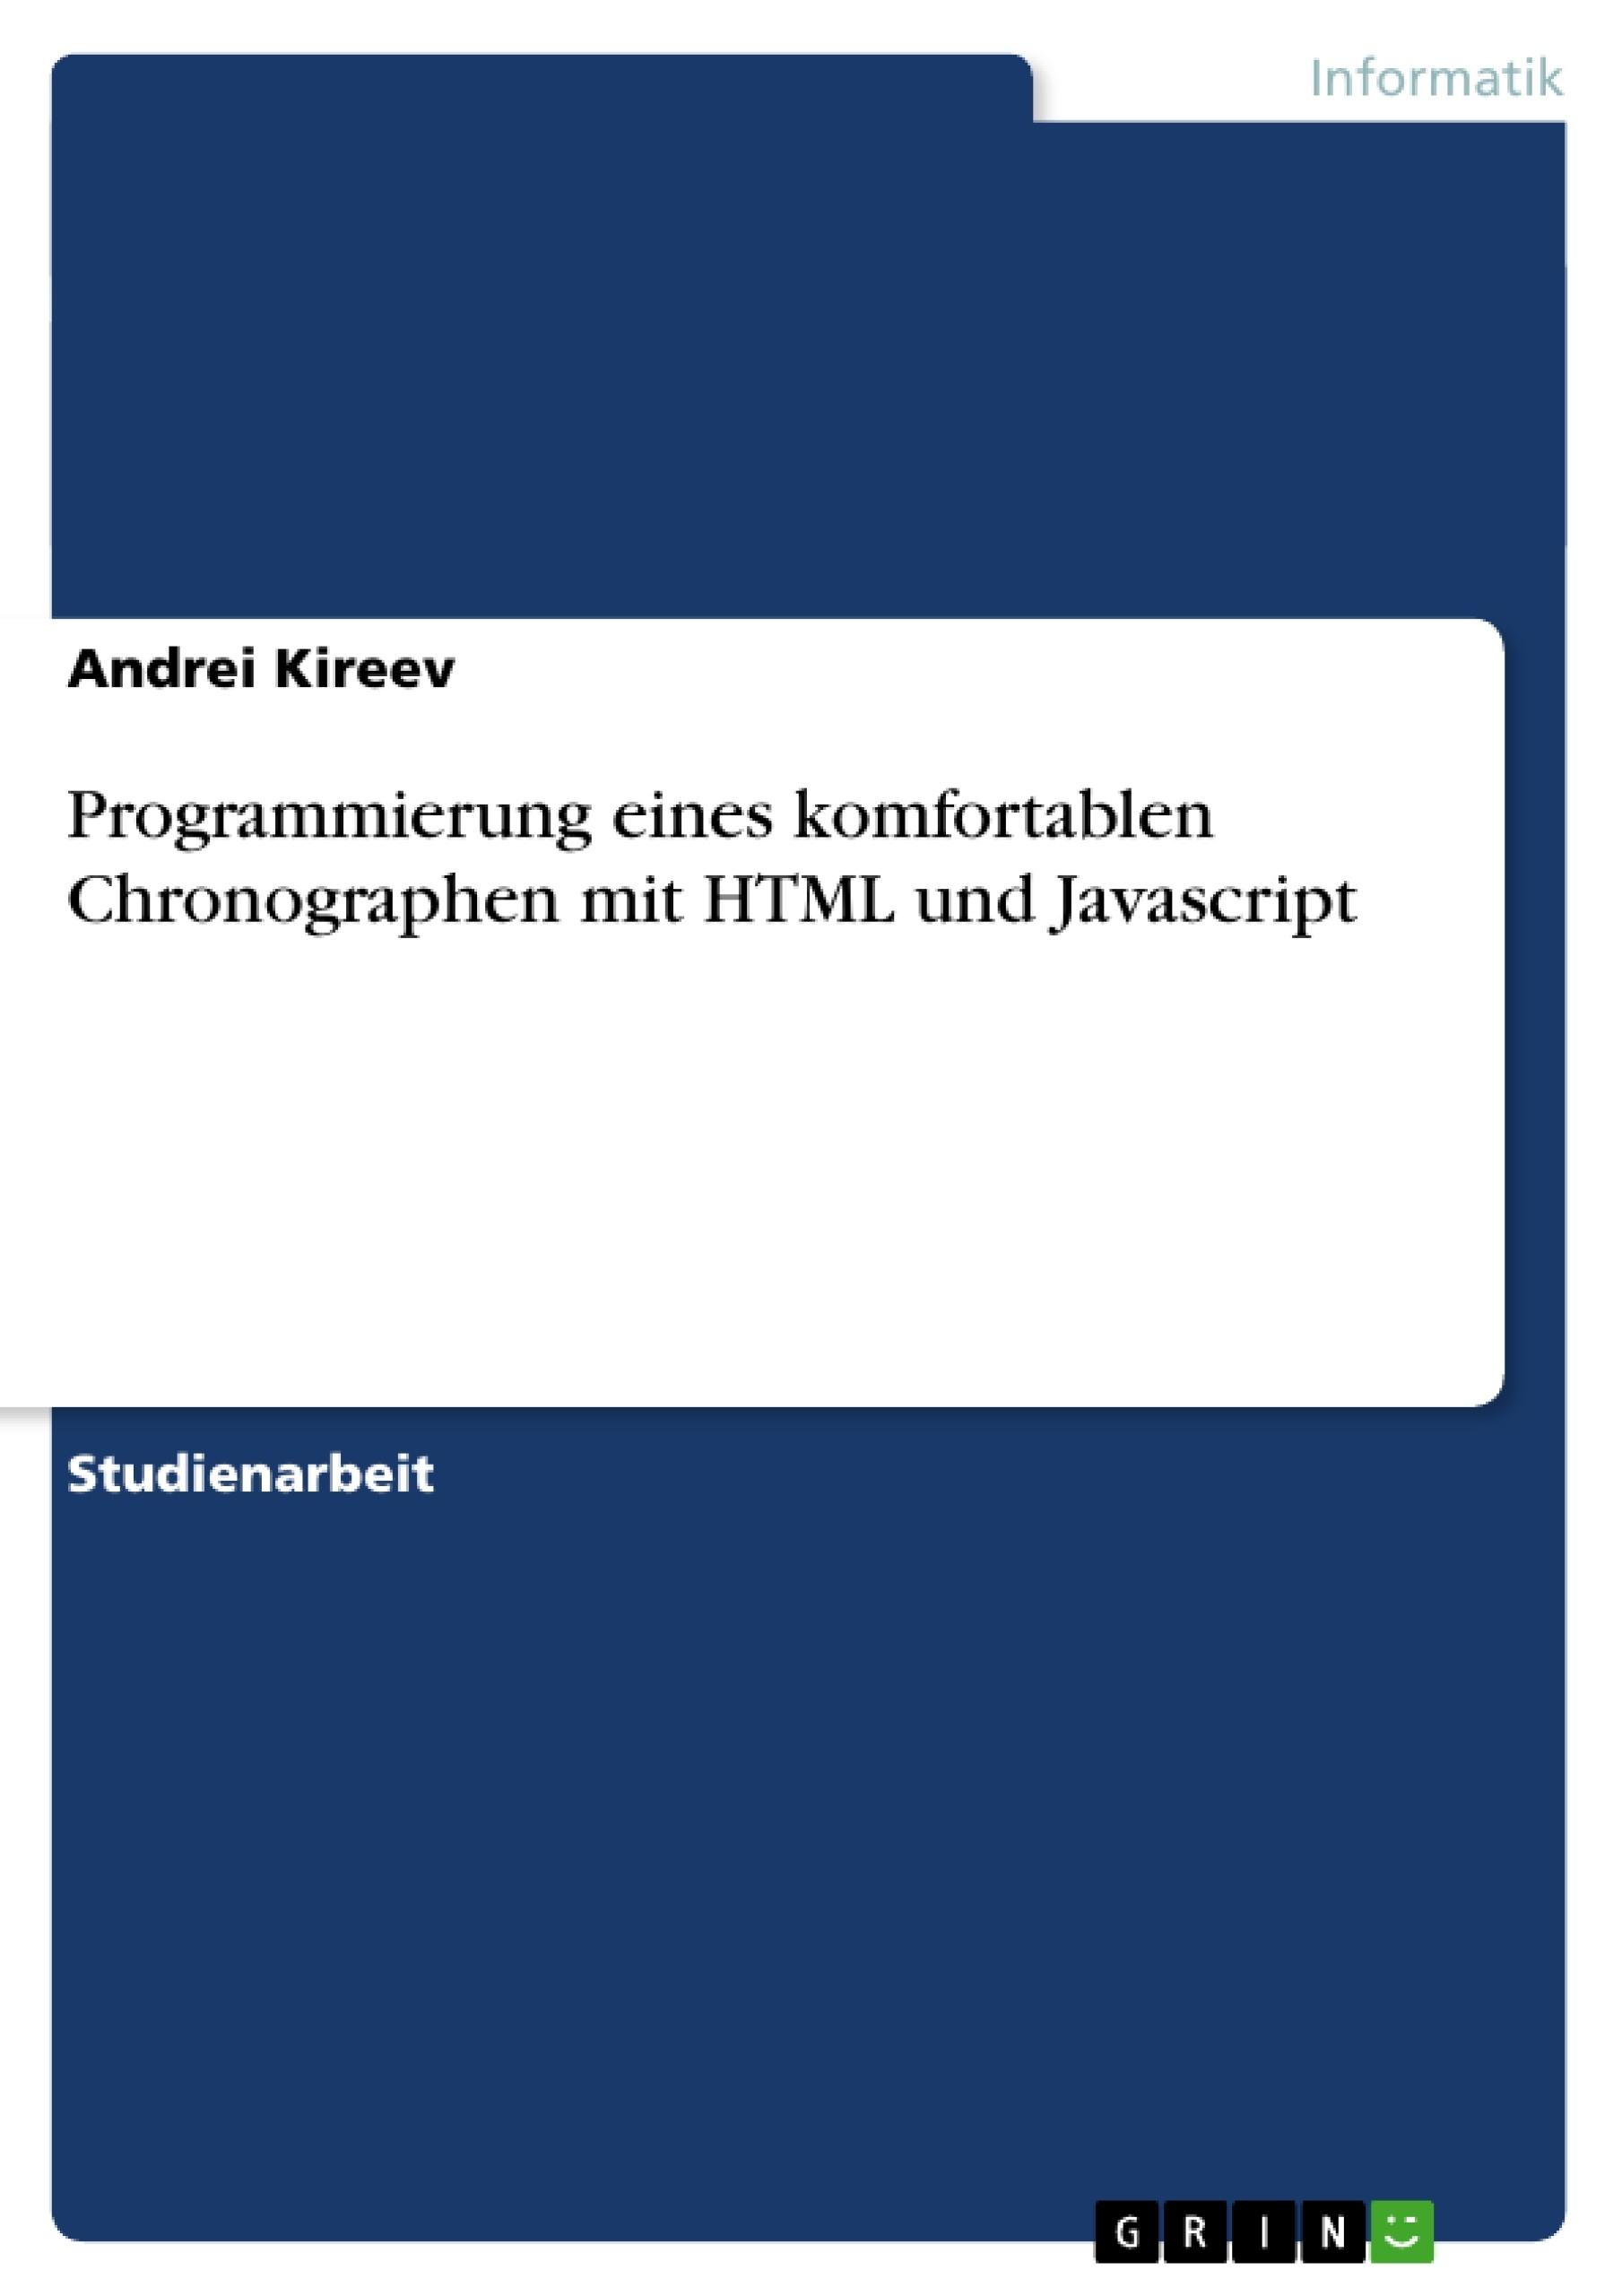 Titel: Programmierung eines komfortablen Chronographen mit HTML und Javascript